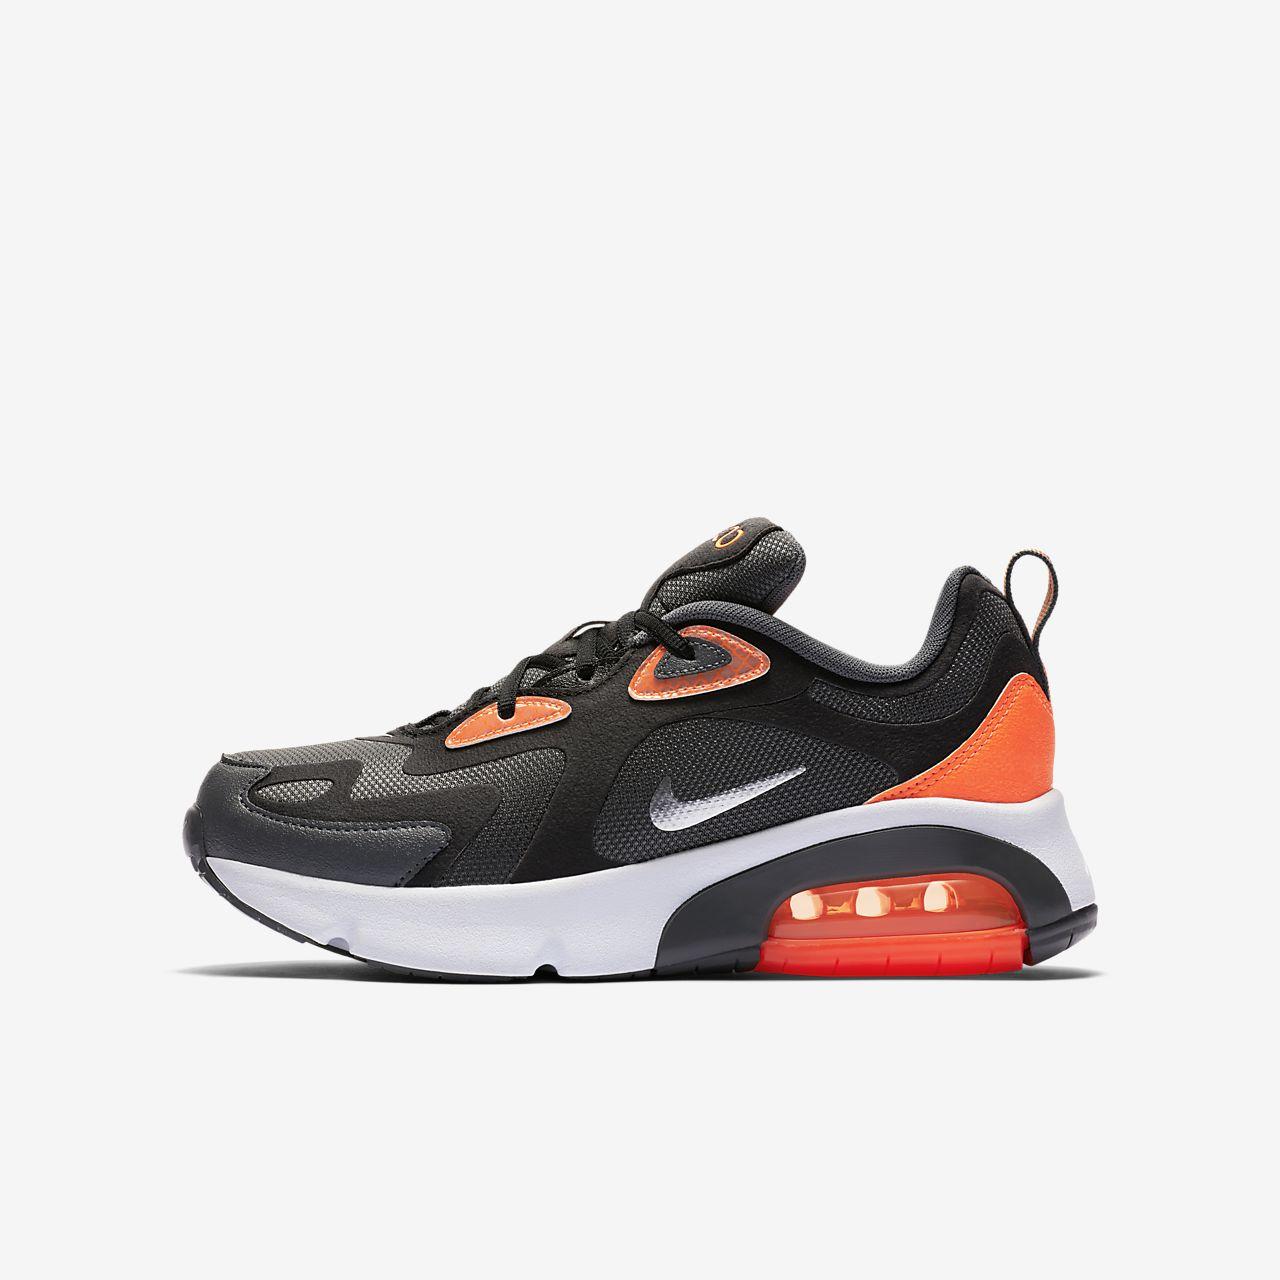 Nike Air Max Infinity gris et orange Chaussures Toutes les